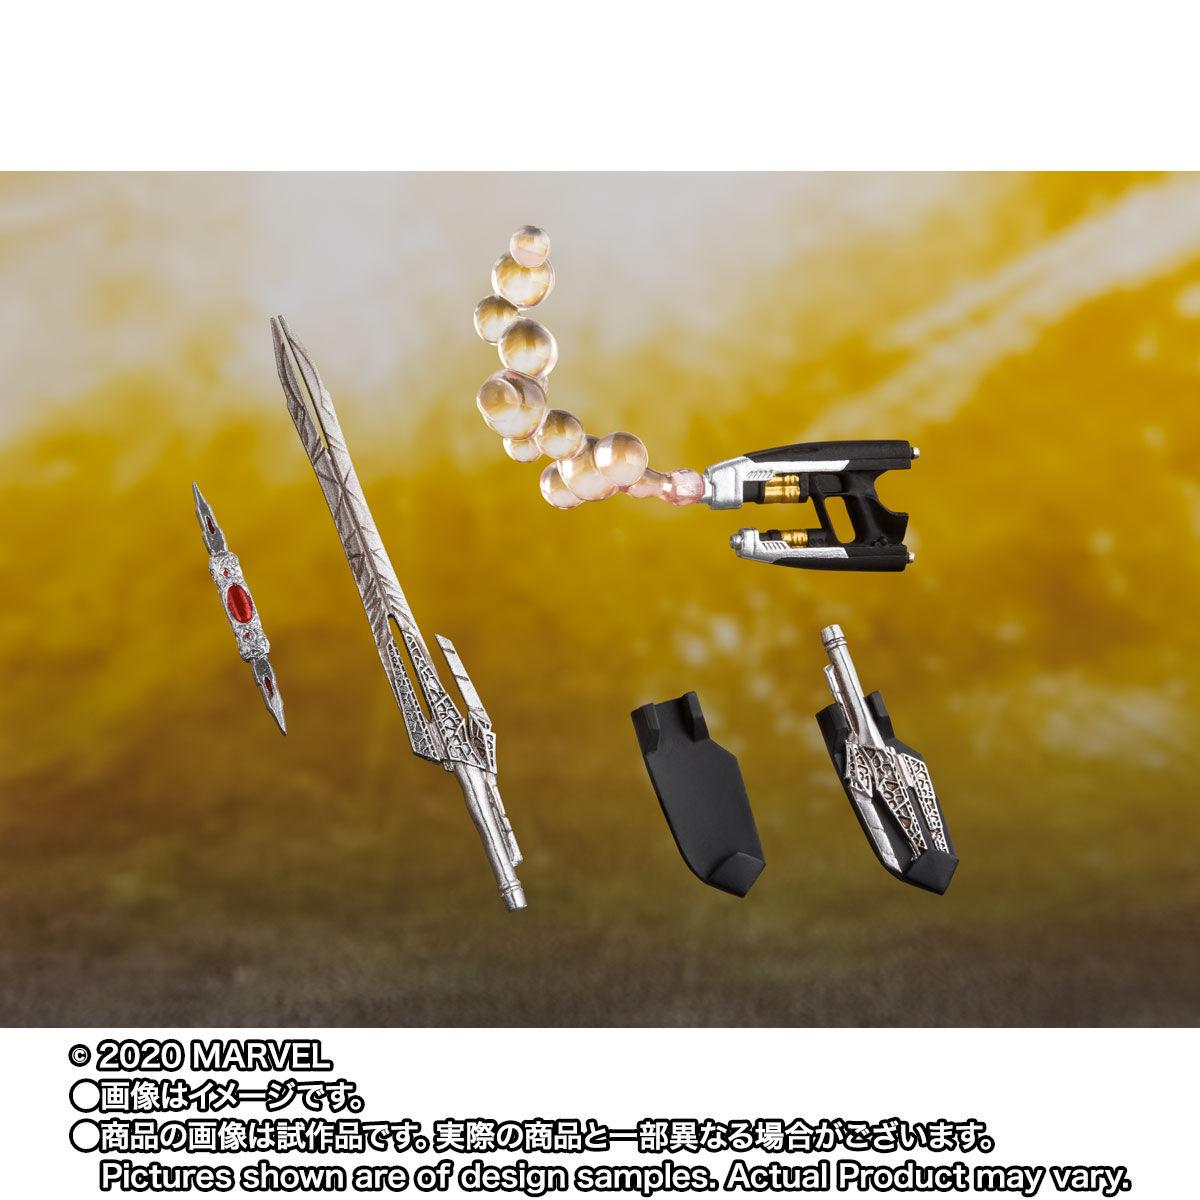 【限定販売】S.H.Figuarts『ガモーラ』アベンジャーズ/インフィニティ・ウォー 可動フィギュア-009